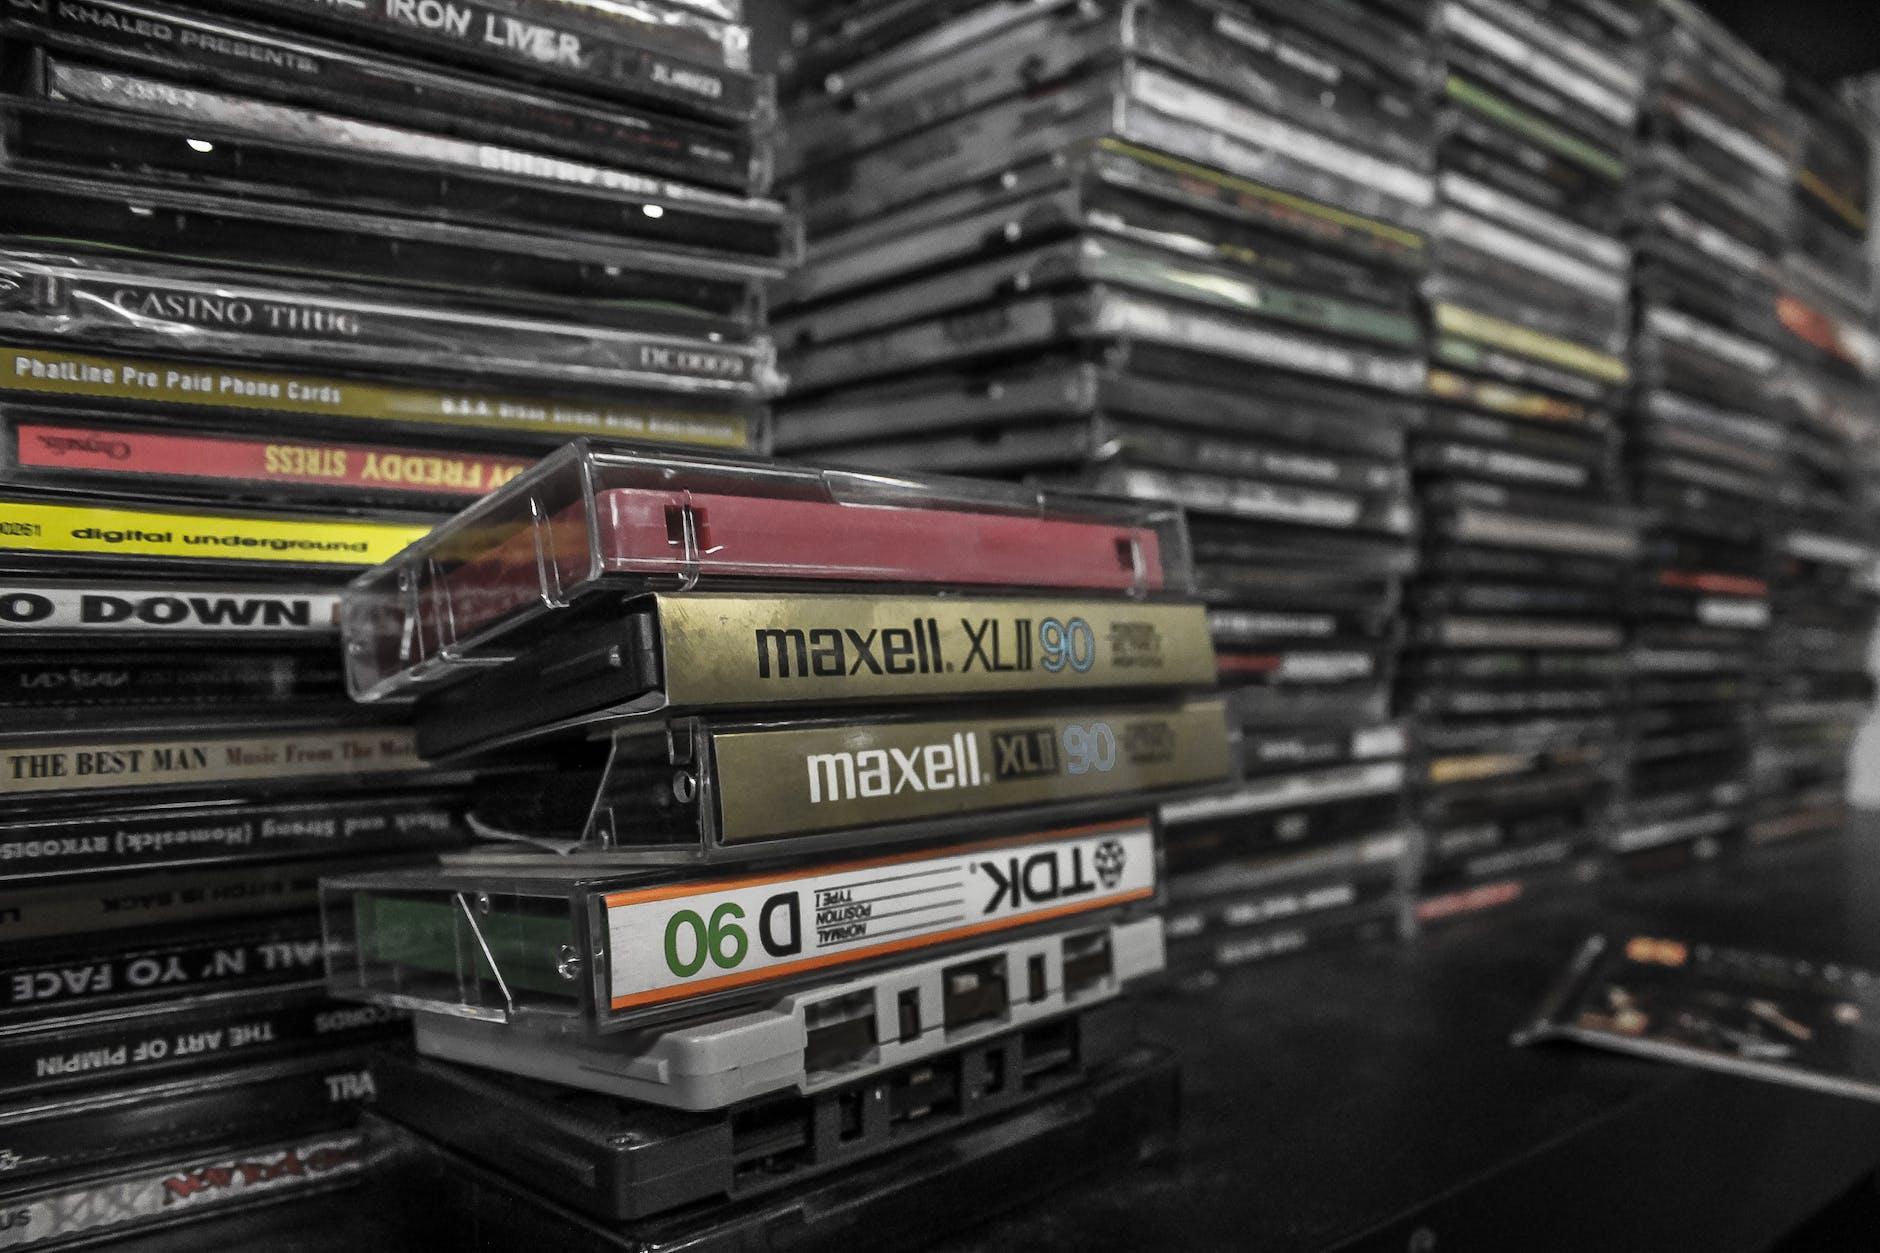 cassettes audio cds